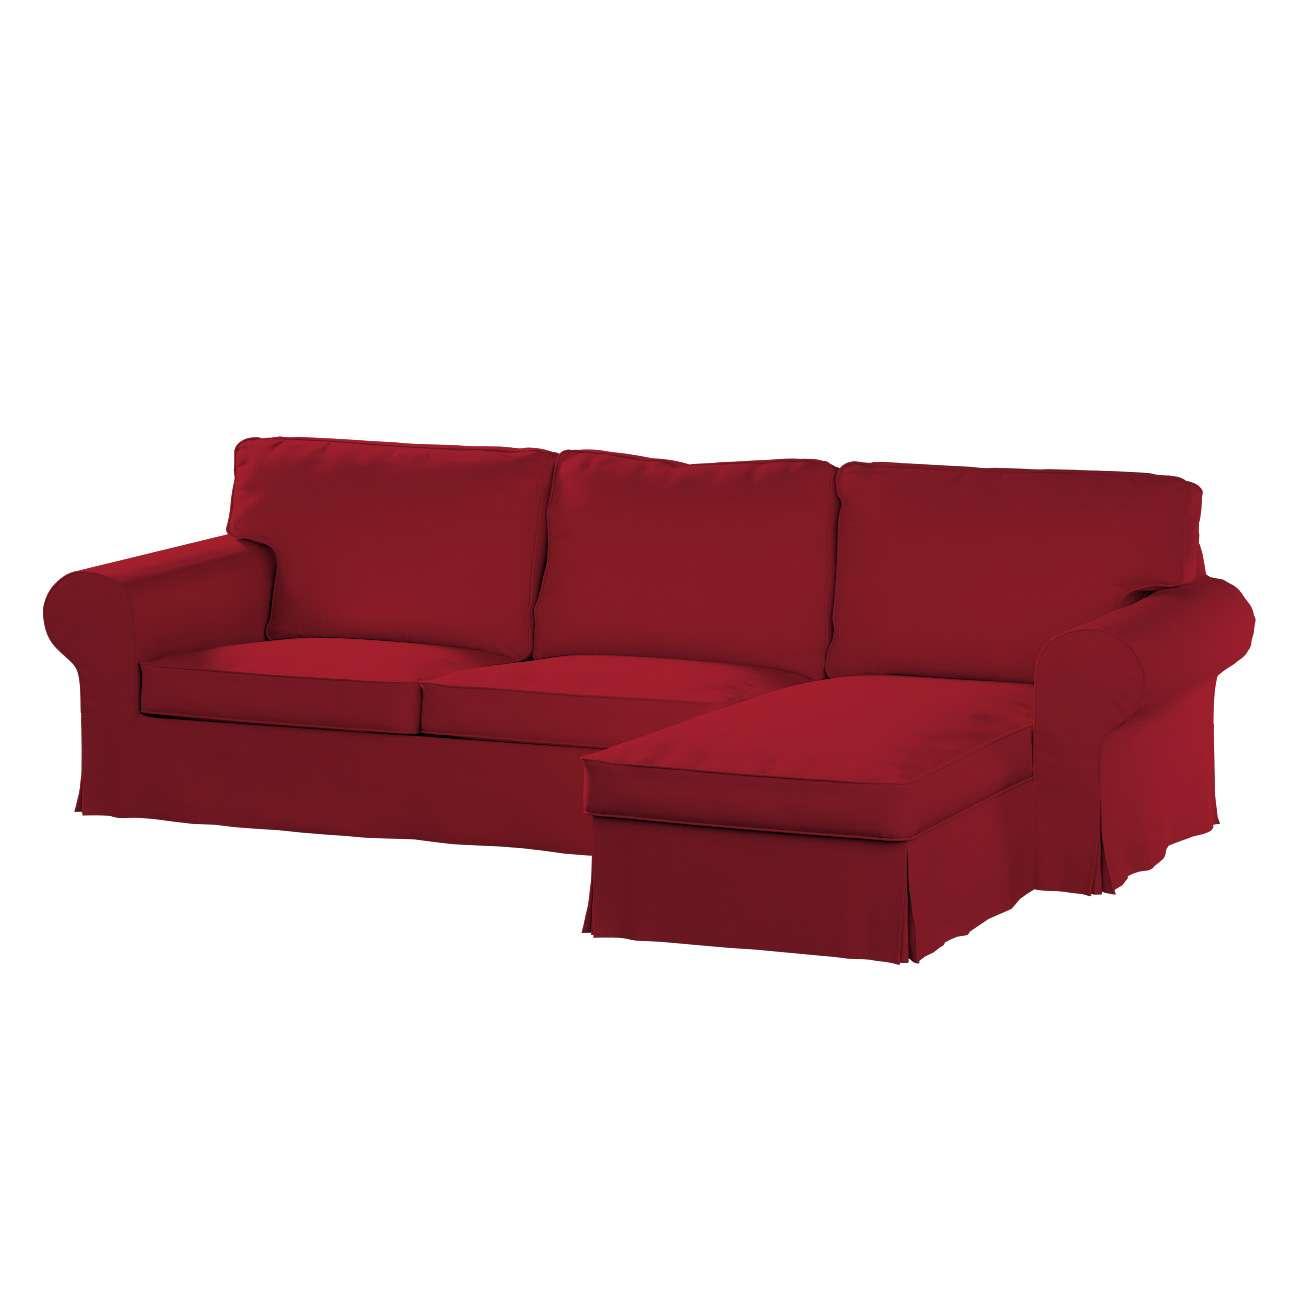 Ektorp dvivietės sofos su gulimuoju krėslu užvalkalas Ikea Ektorp dvivietės sofos su gulimuoju krėslu užvalkalas kolekcijoje Chenille, audinys: 702-24